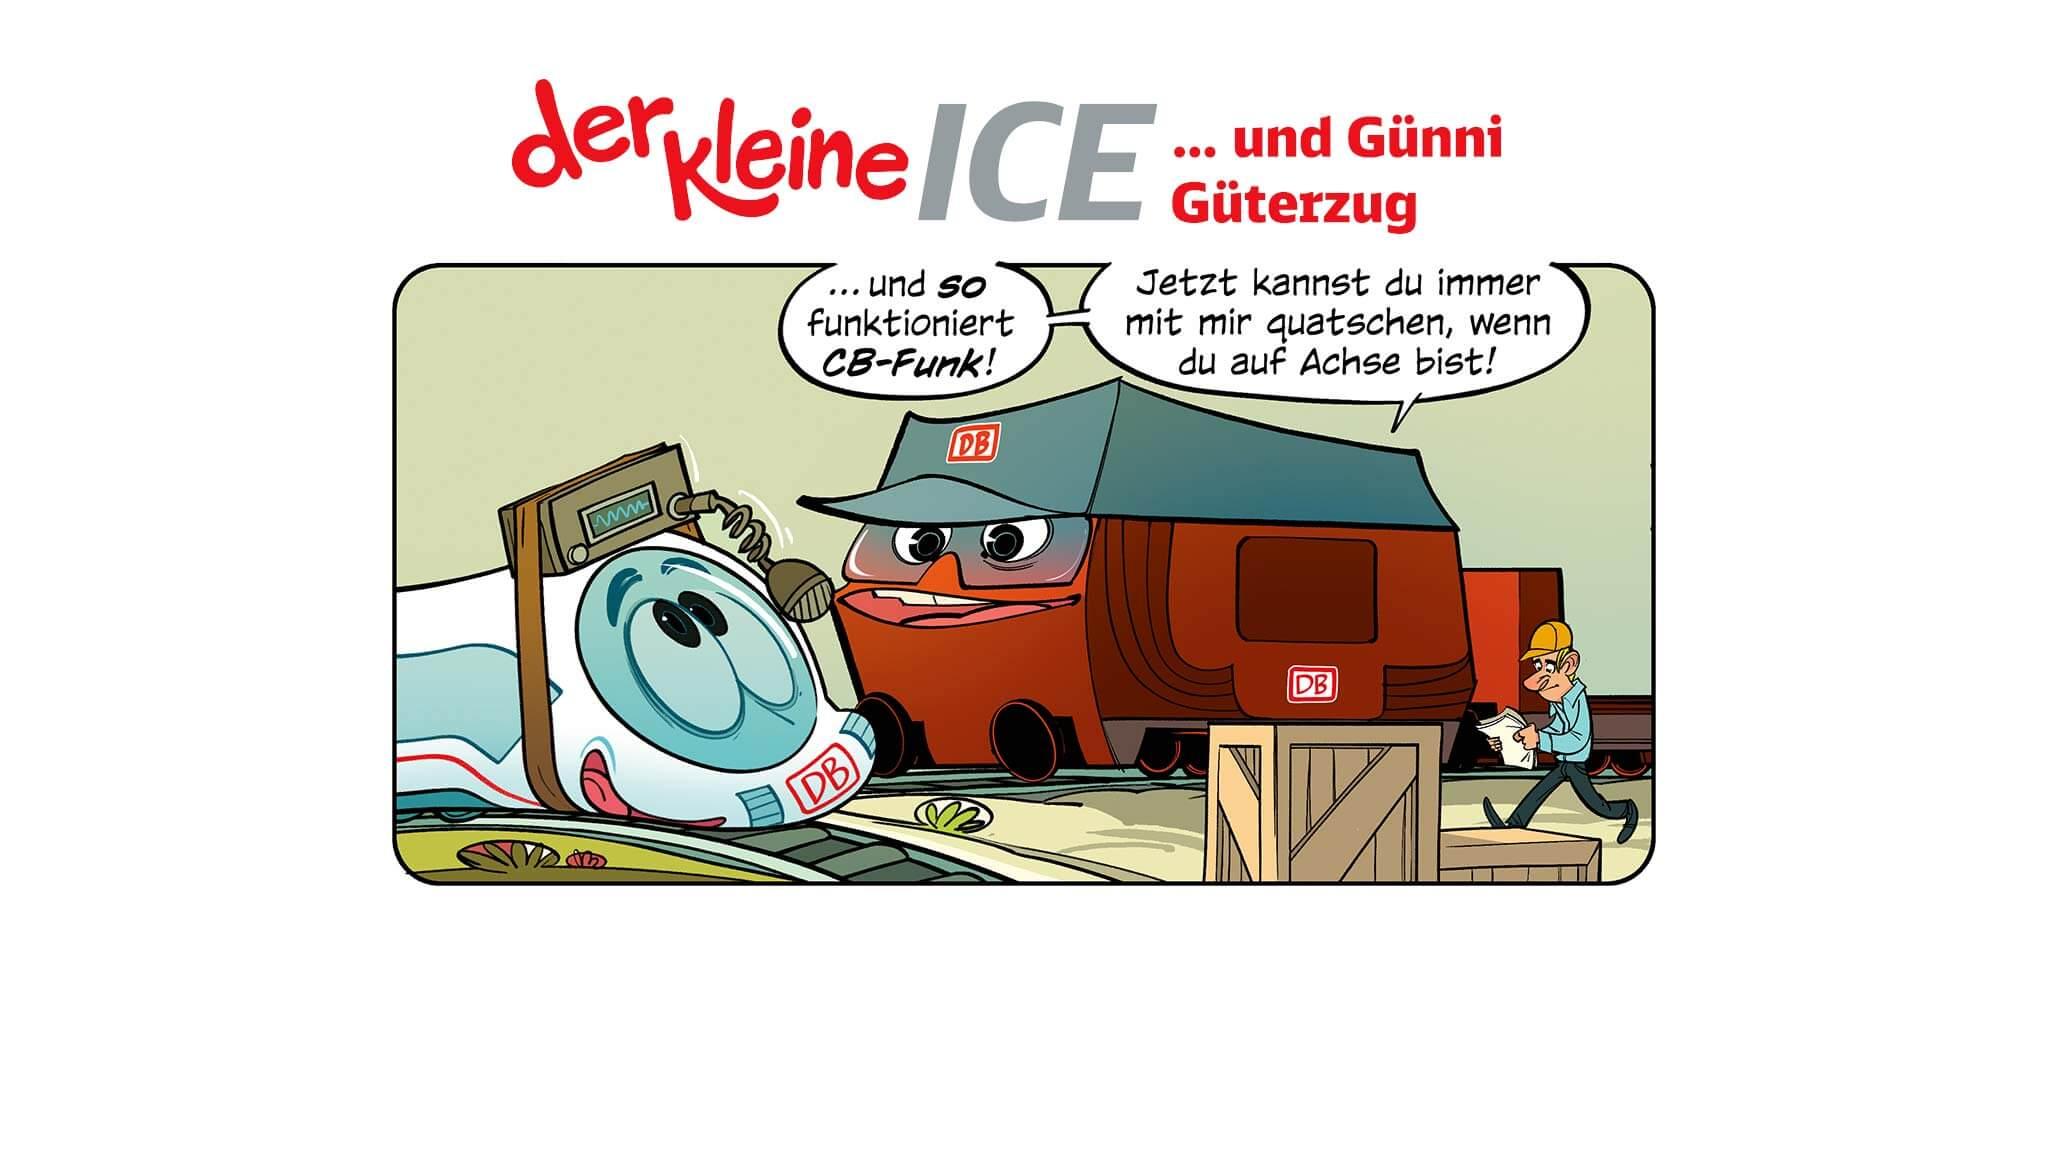 Der Kleine Ice Der Kleine Ice Und Günni Güterzug